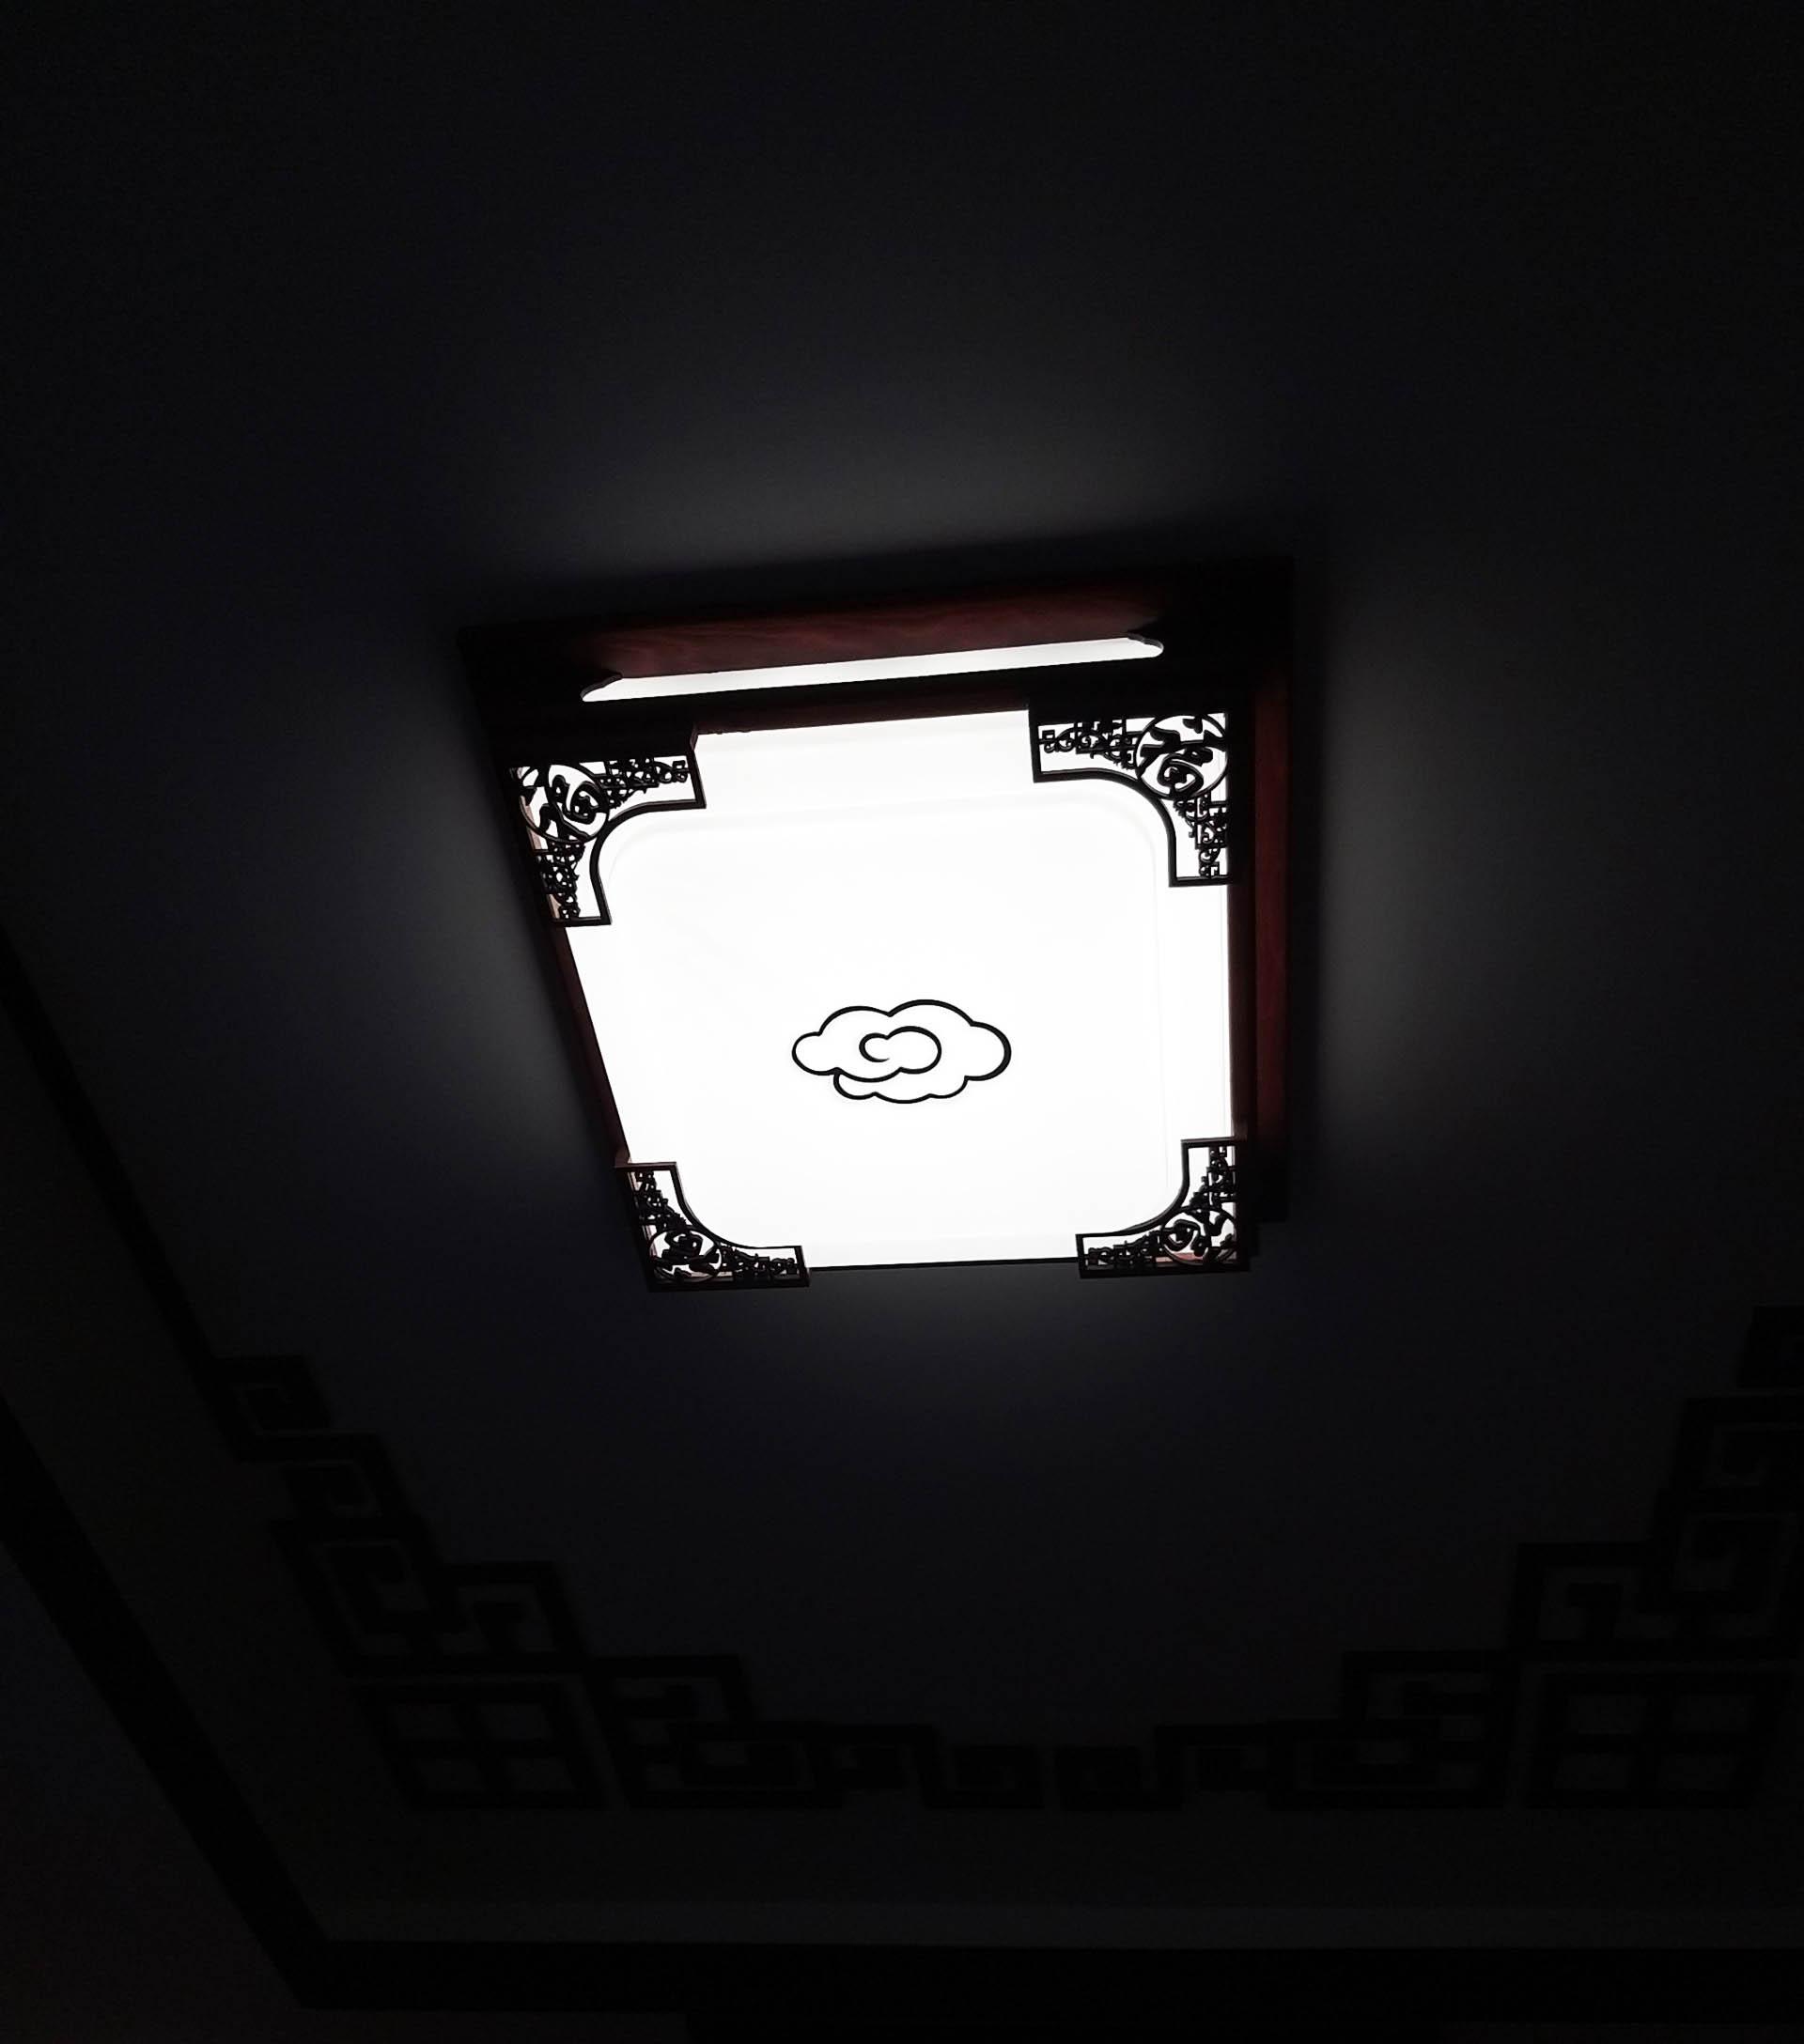 đèn trang trí ốp trần phòng khách đơn giản nhẹ nhàng